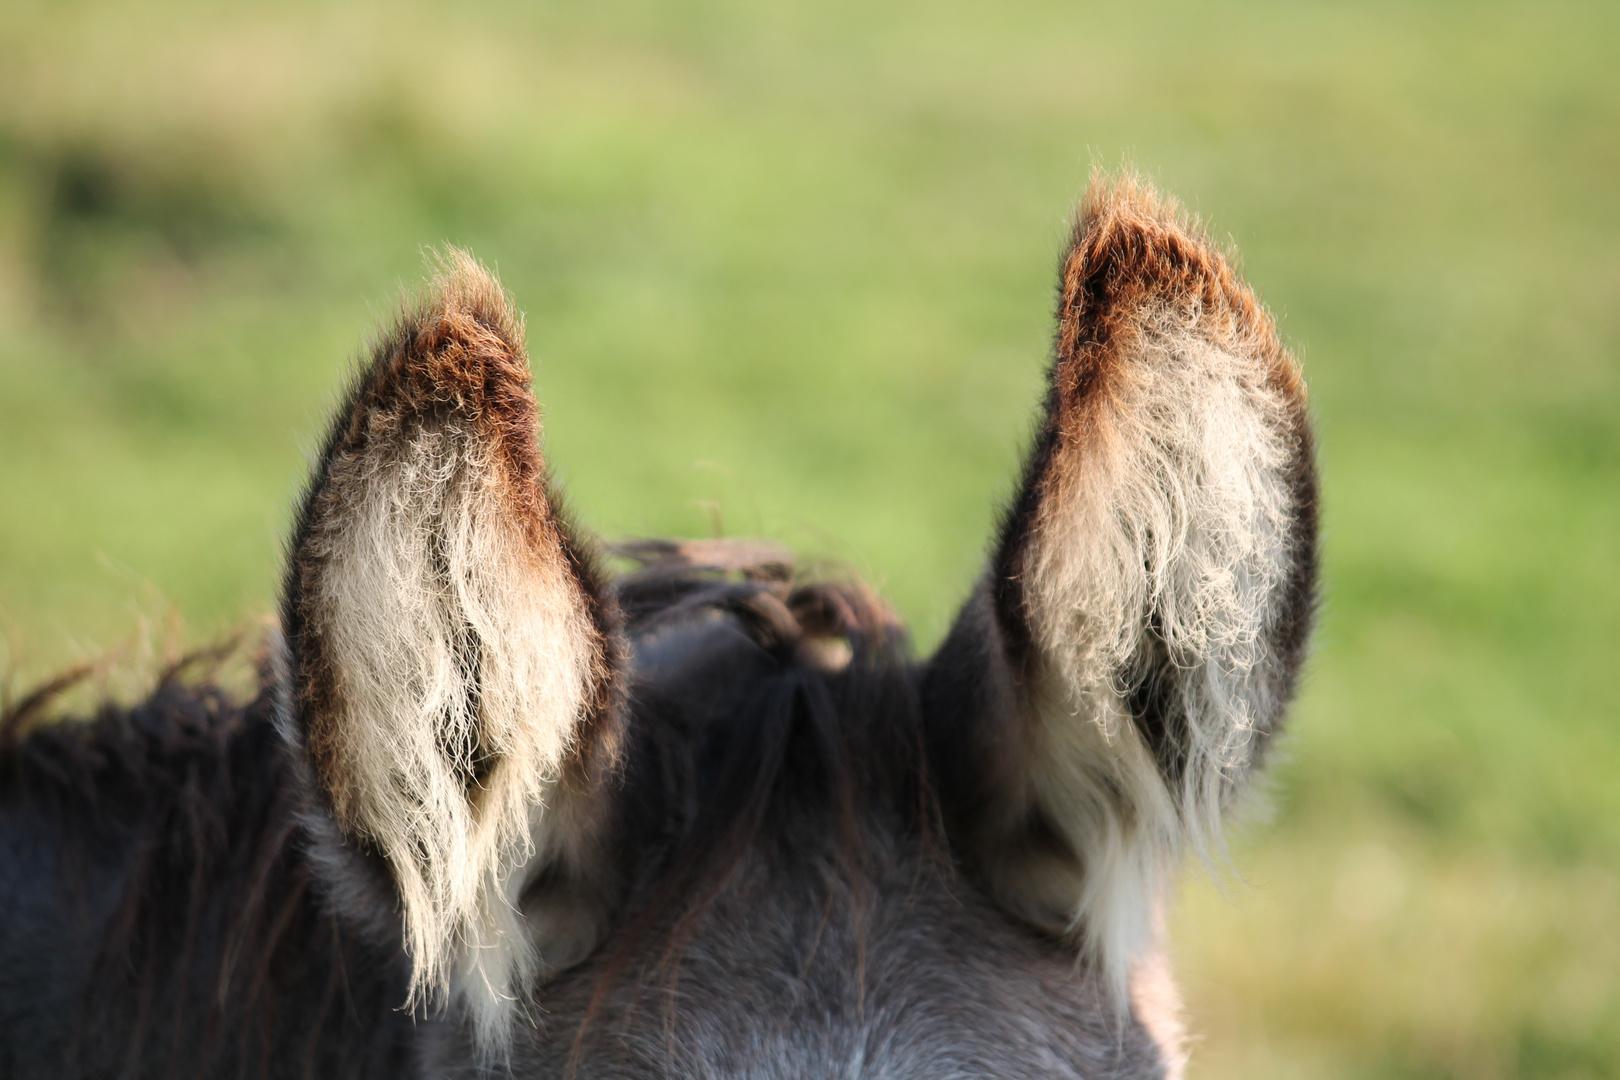 Wer hat denn hier die Eselsohren reingemacht ??